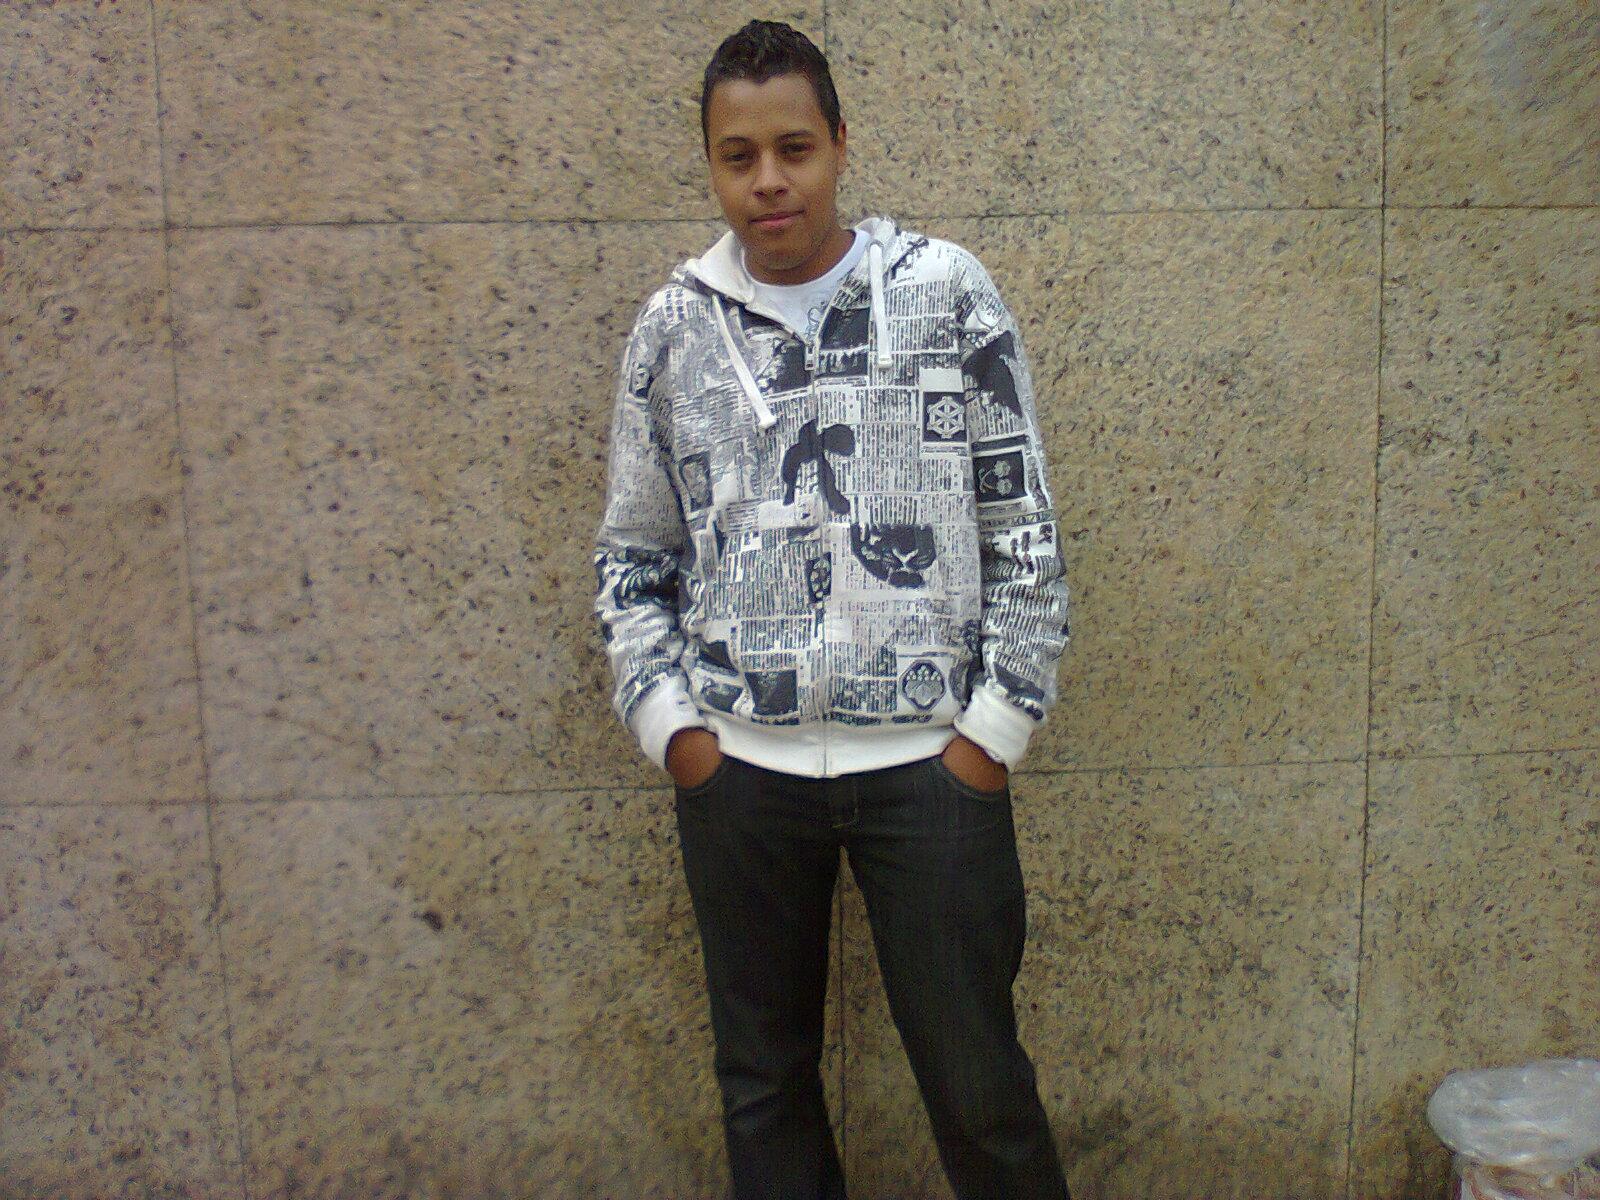 http://4.bp.blogspot.com/-GZmA-v2zUHI/Tdn9cyH86rI/AAAAAAAAAnk/VgDdx6iiwKA/s1600/Photo0515.jpg